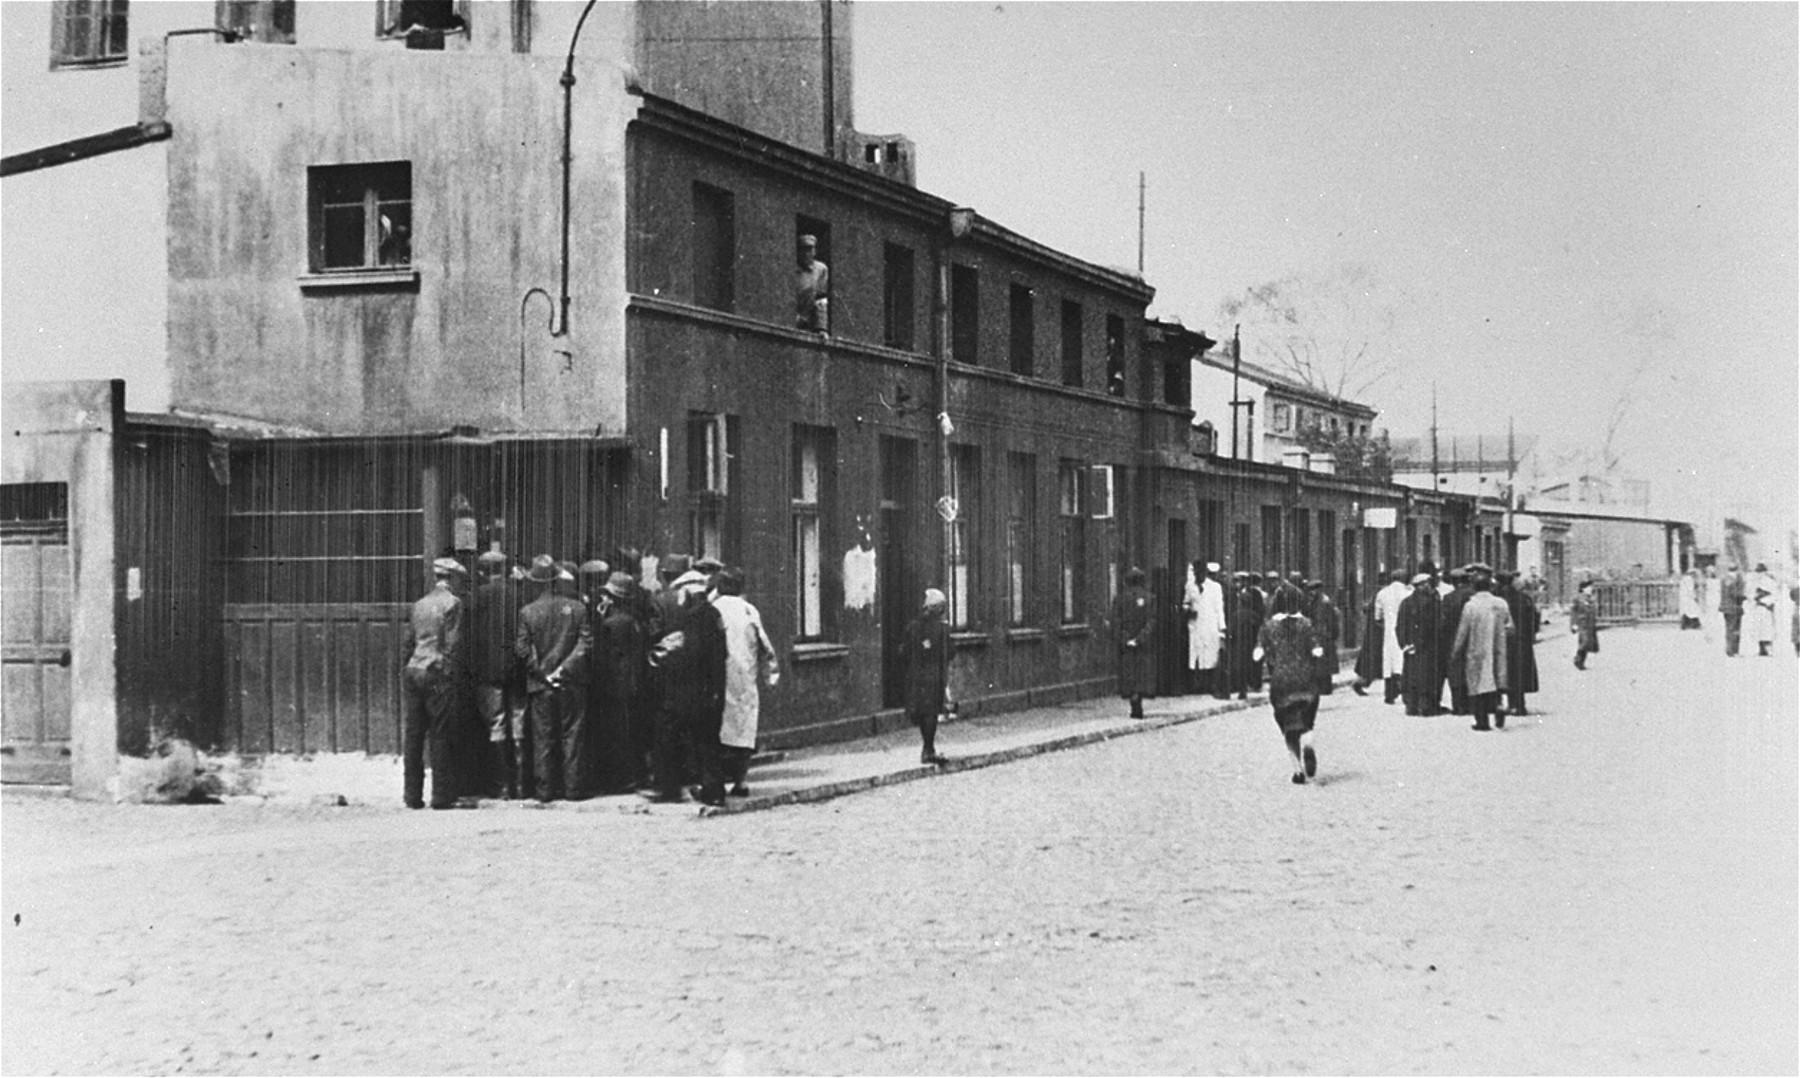 Street scene in the Lodz ghetto.